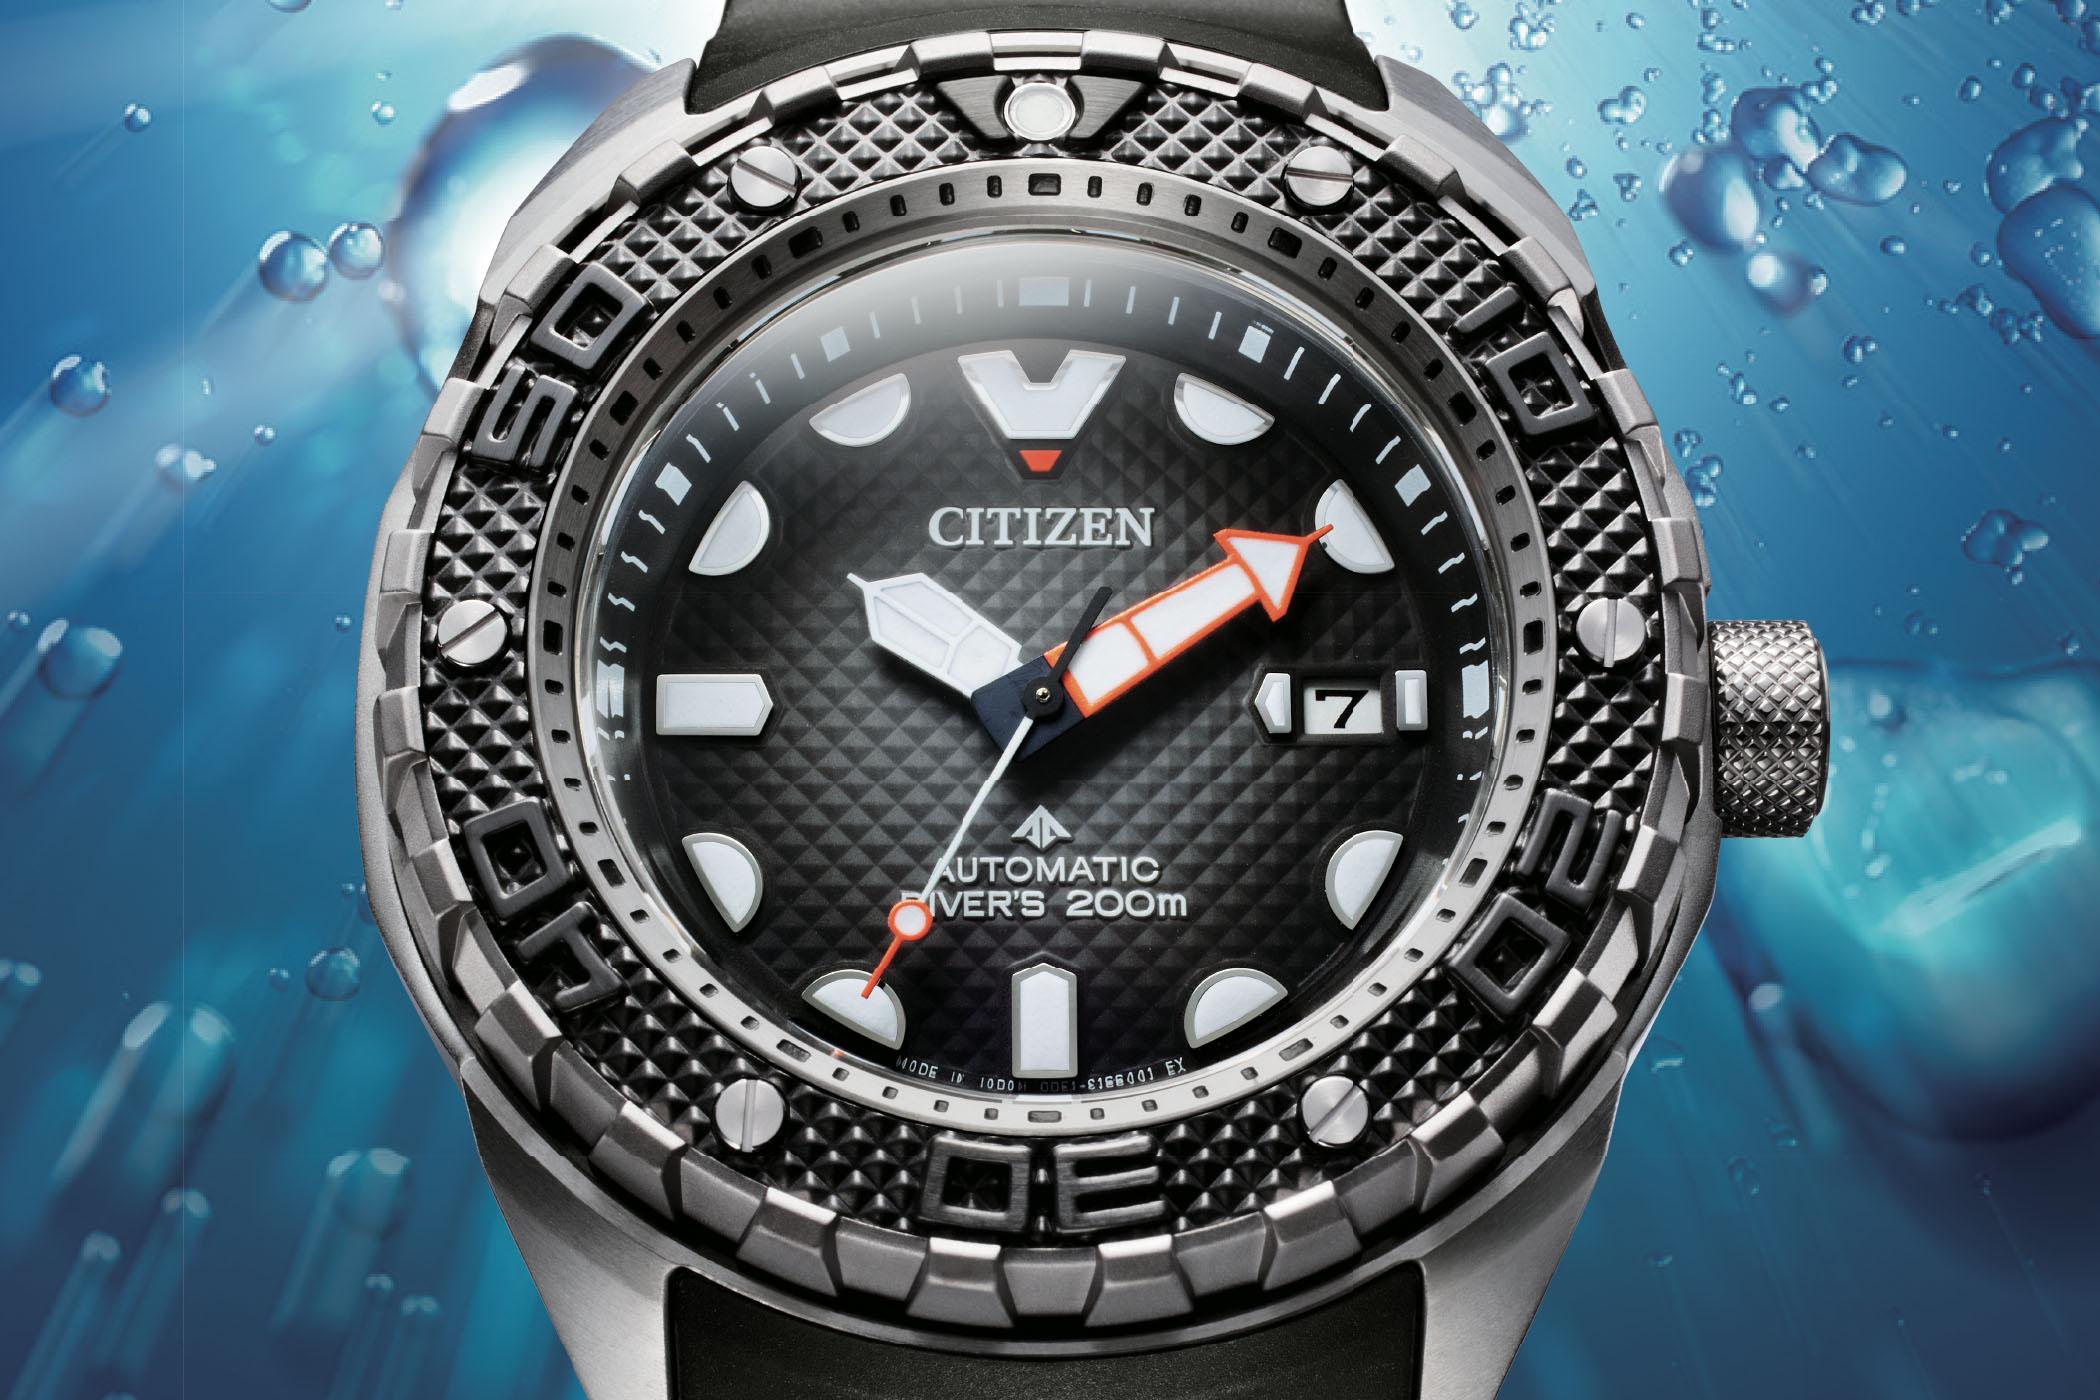 Citizen Promaster Mechanical Diver 200m Magnetic resistance NB6004 08E 2